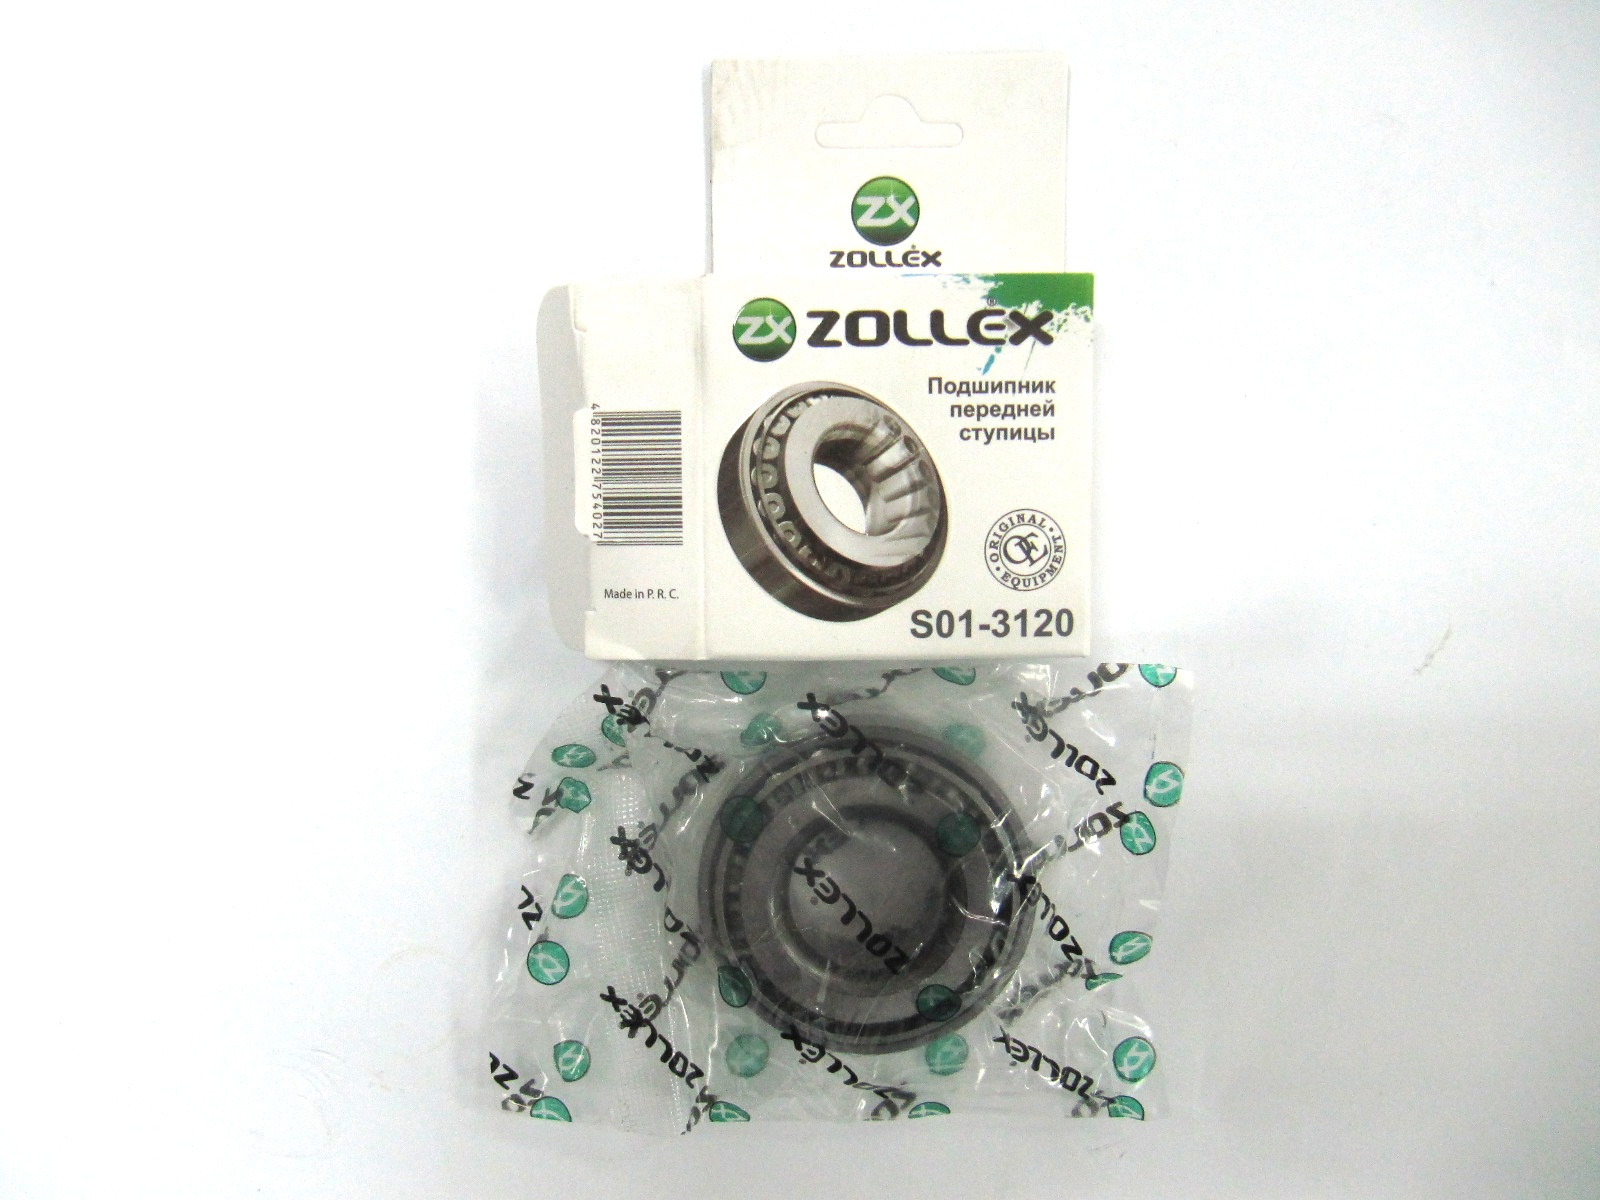 Zollex Підшипник ступ.перед. ВАЗ 2101 S01-3120K Б.